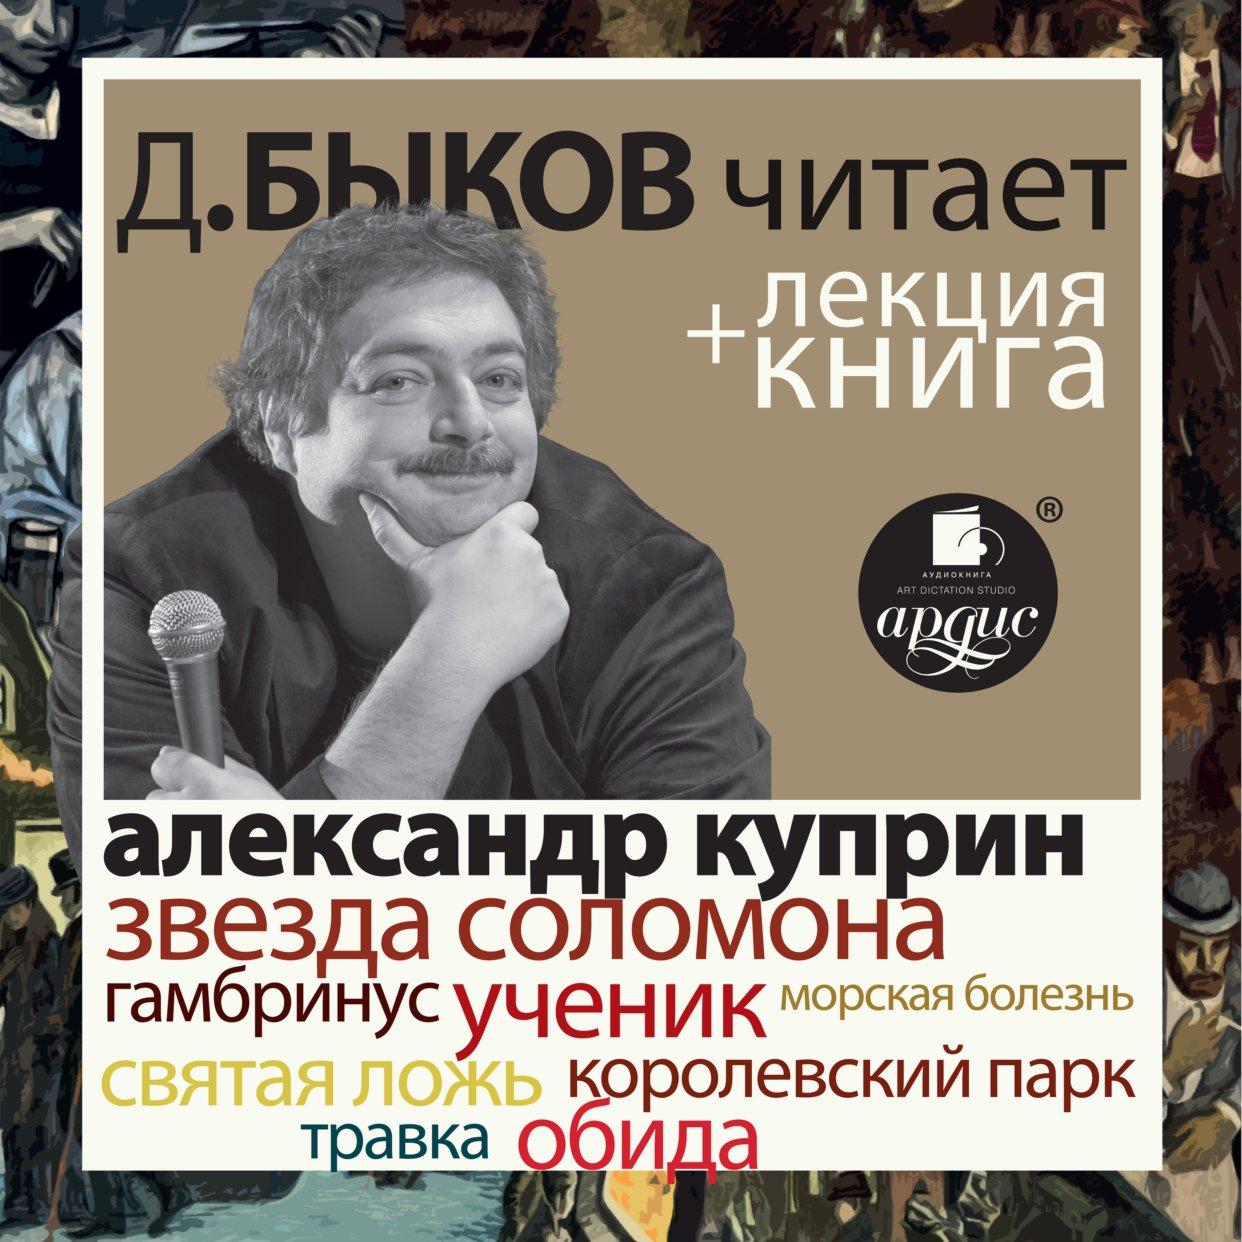 Звезда Соломона. Рассказы + Лекция Дмитрия Быкова